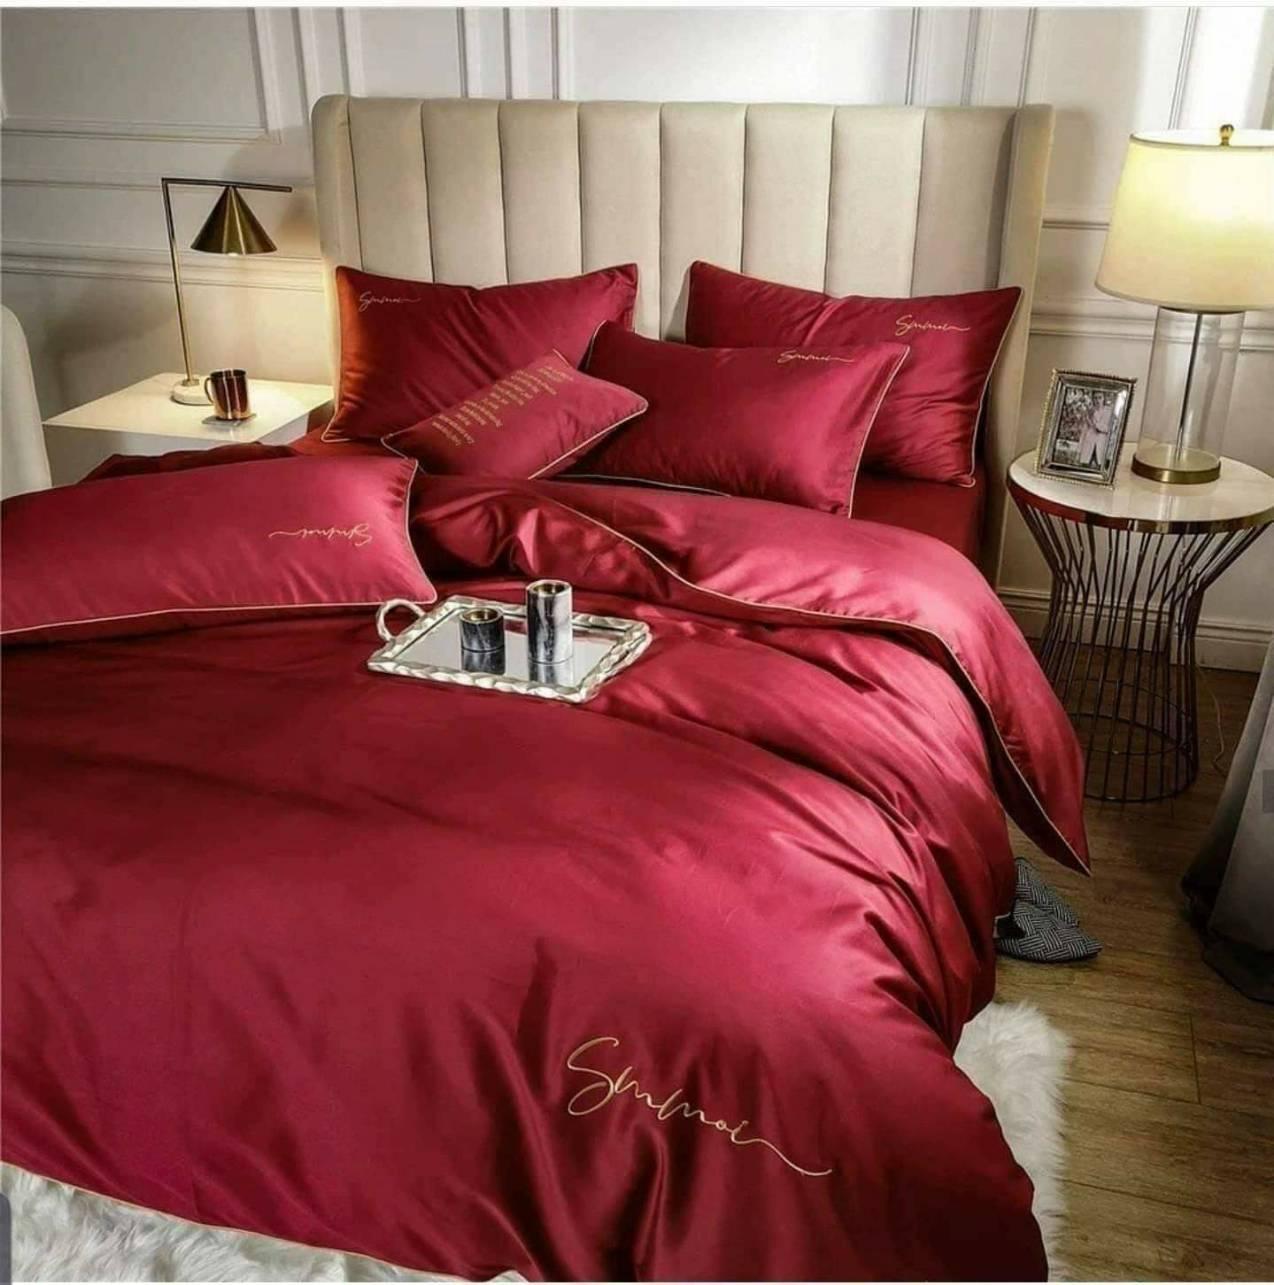 """ผ้าปูที่นอนสีแดง งานปัก ขอบกุ้น""""5,6ฟุต พร้อมส่ง"""" - ผ้าปูที่นอน by Beddingthailand : Inspired by LnwShop.com"""